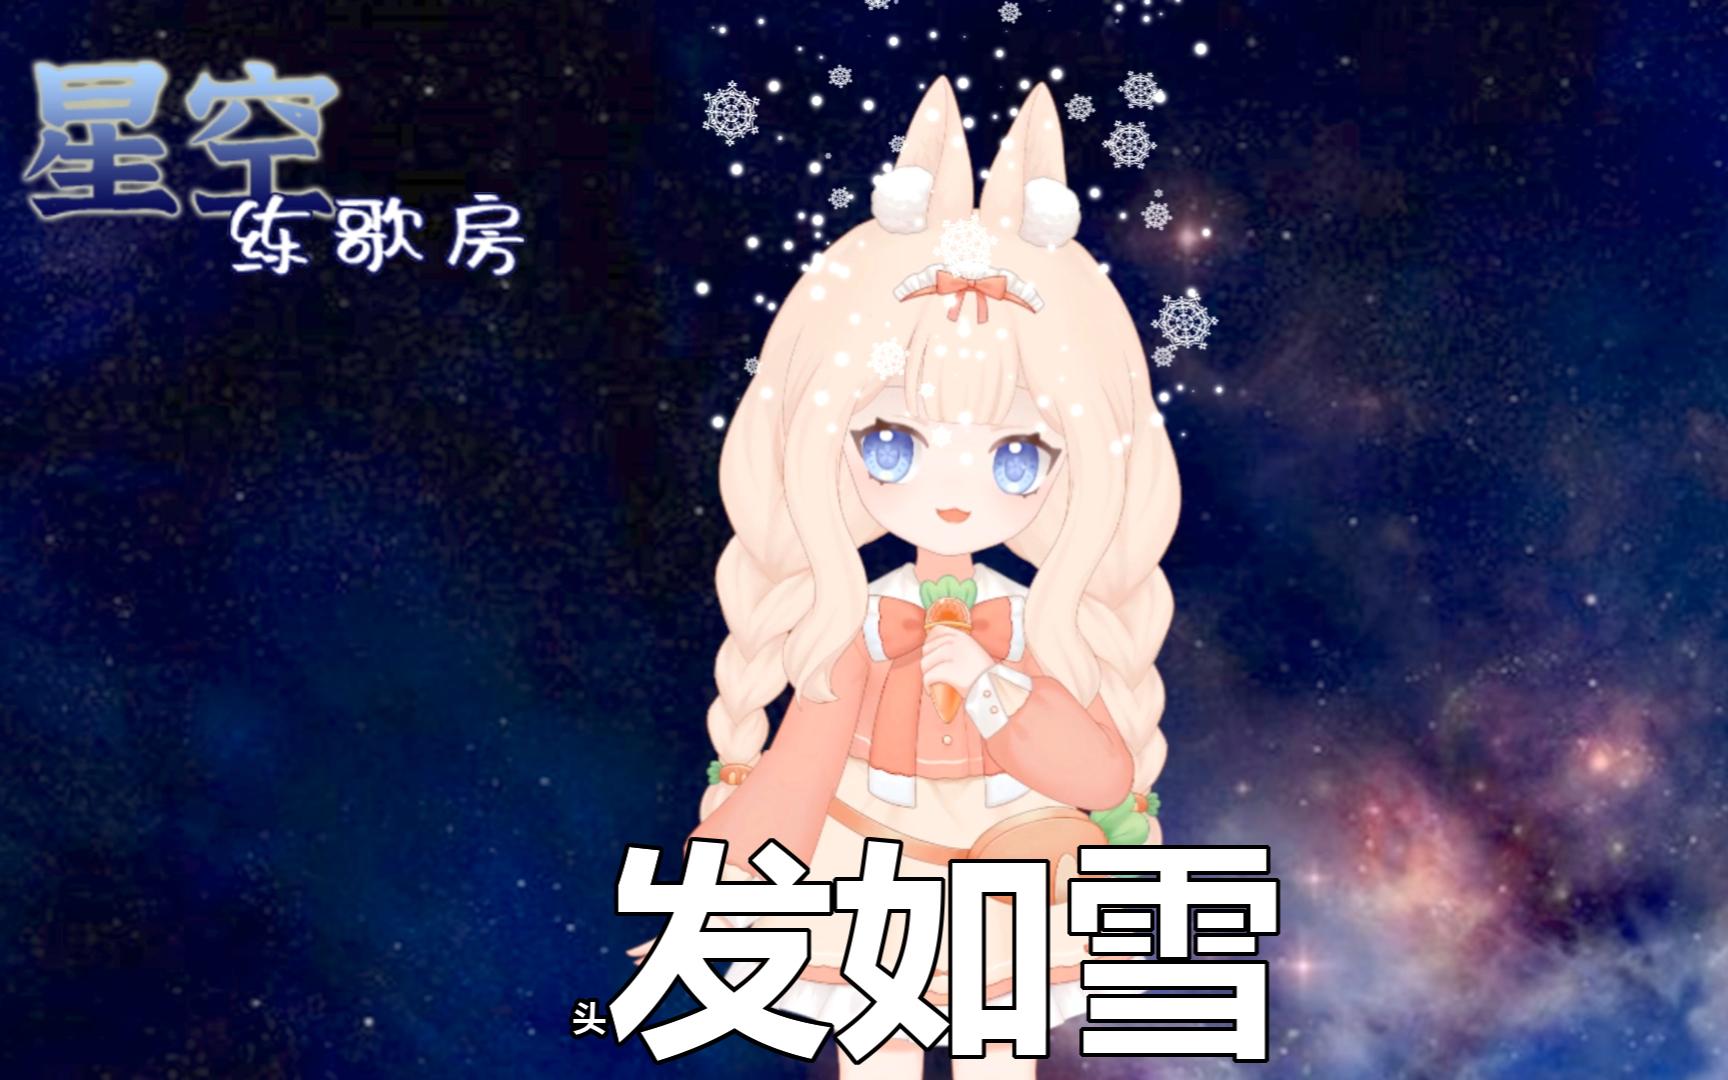 【星空练歌房】第三期:头发像雪是什么鬼啊~